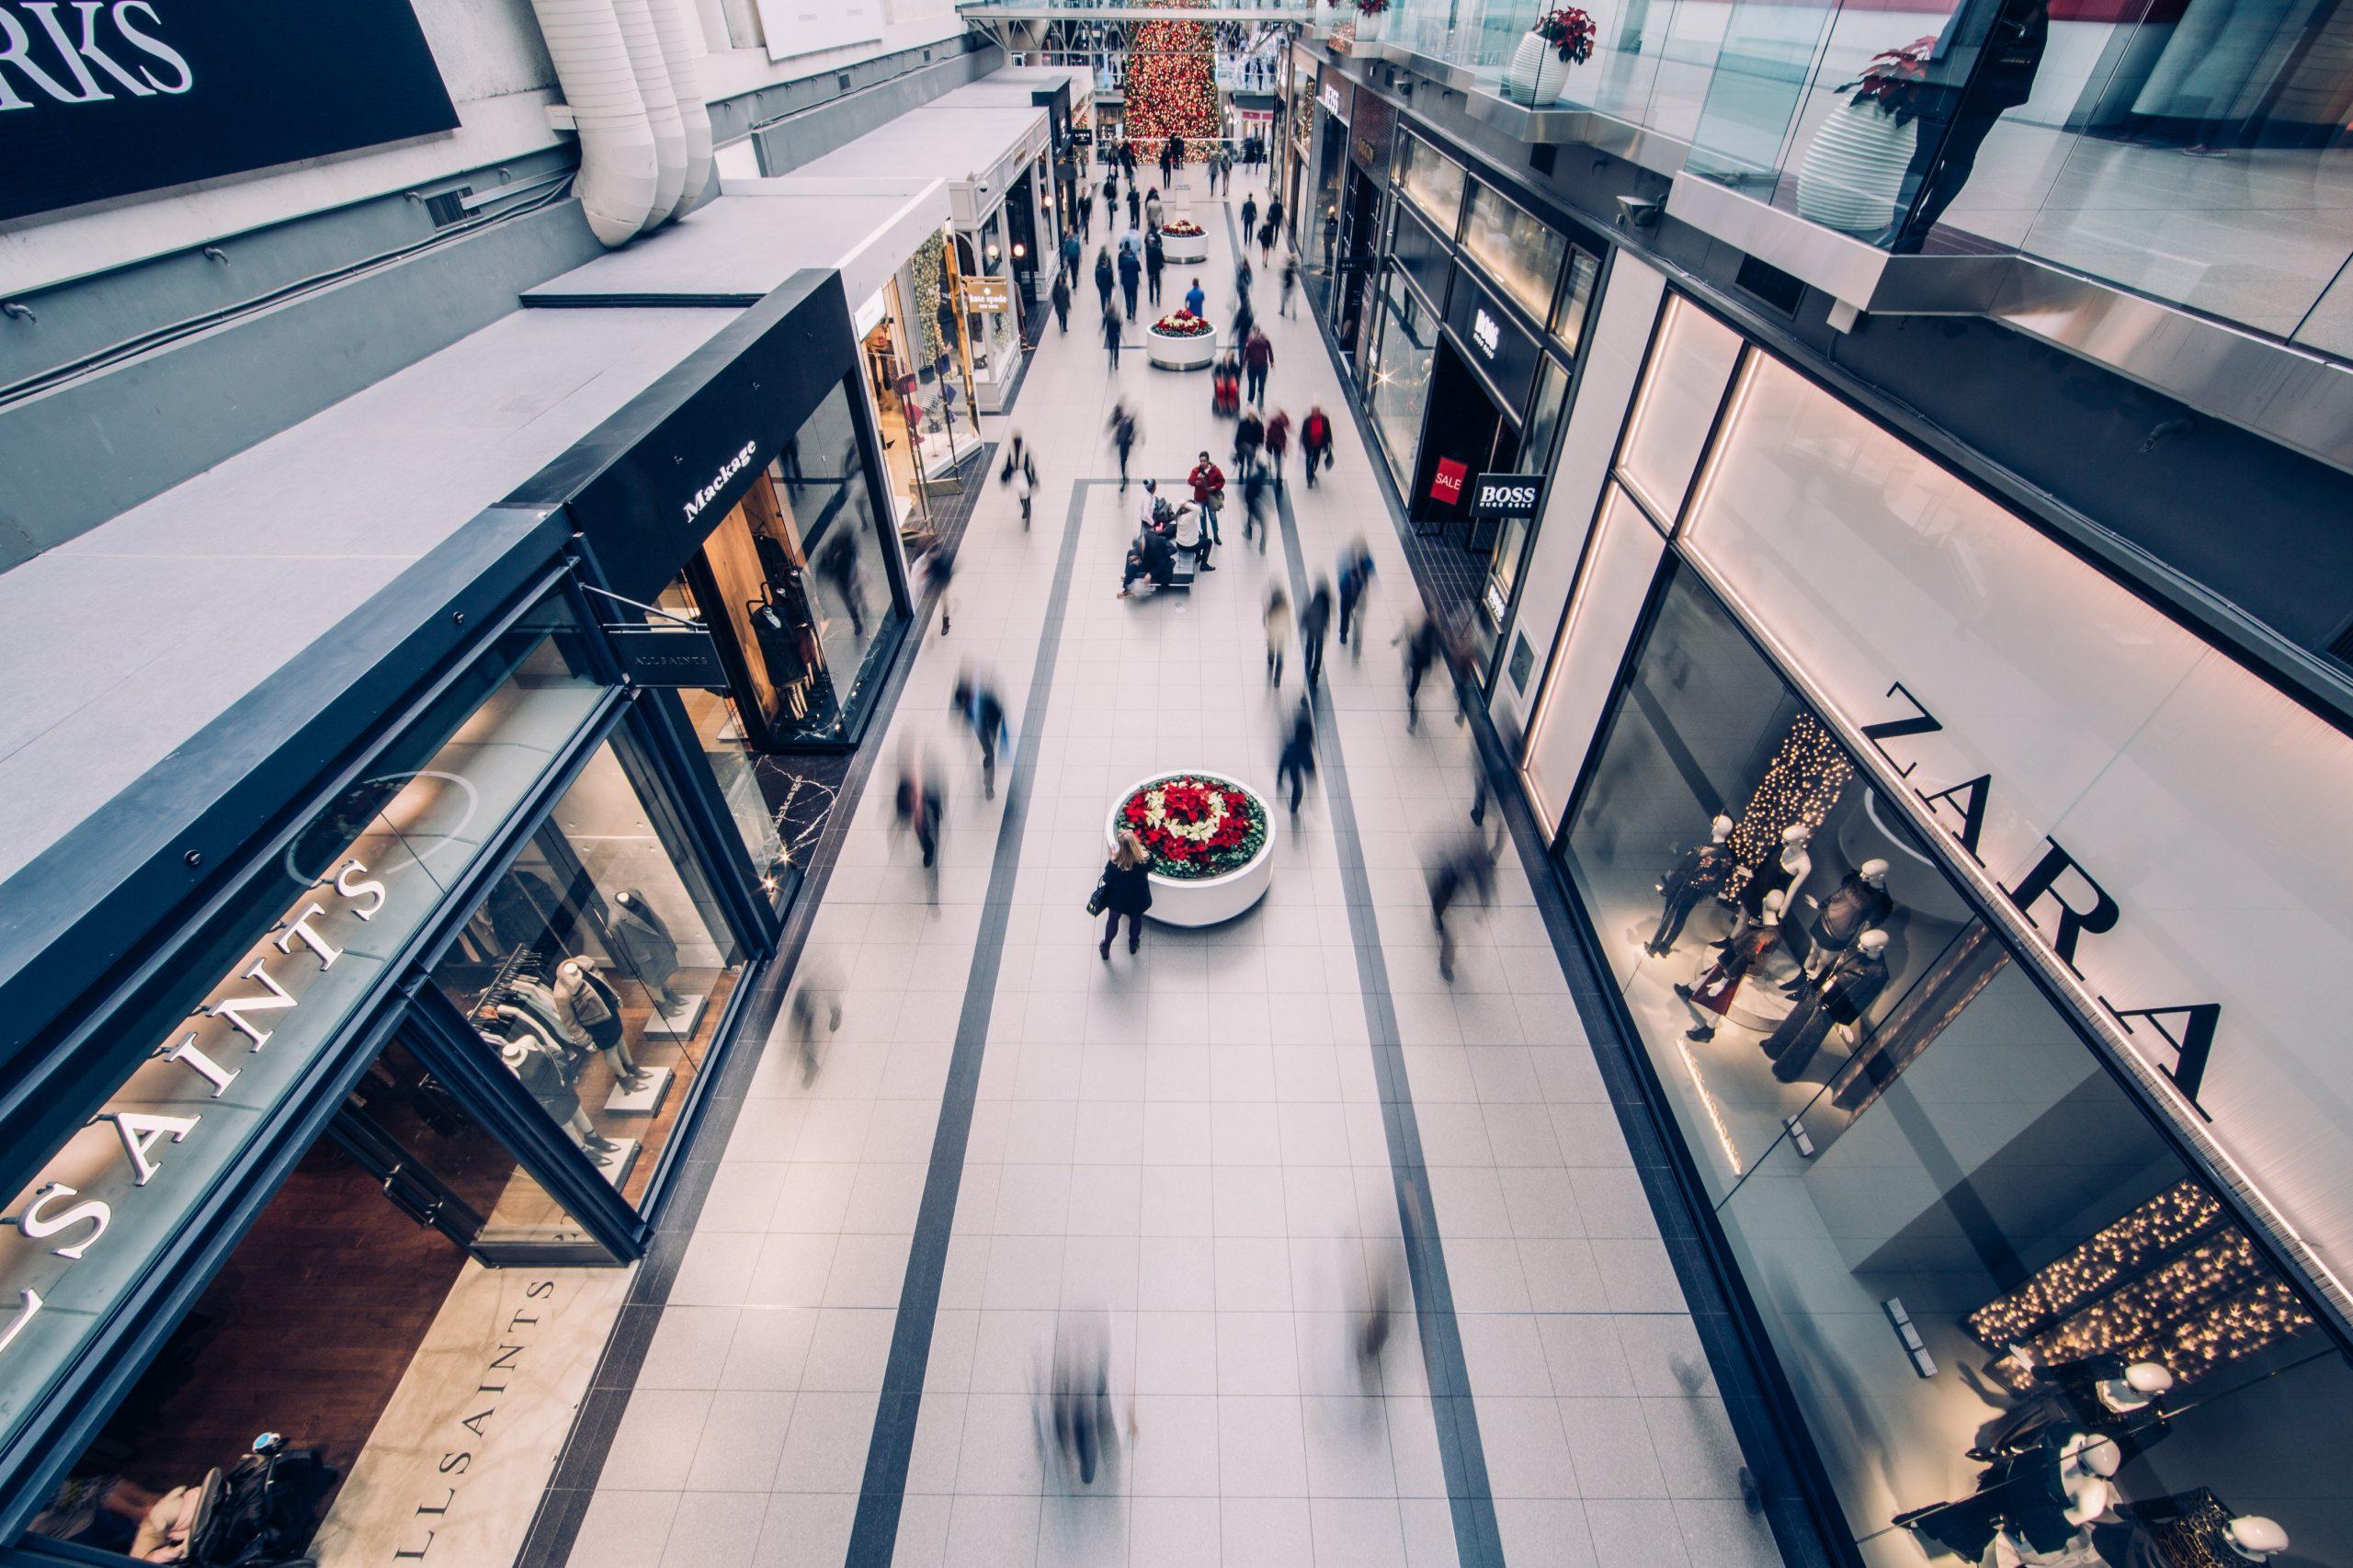 Novos centros comerciais em Portugal serão de pequena dimensão e de proximidade